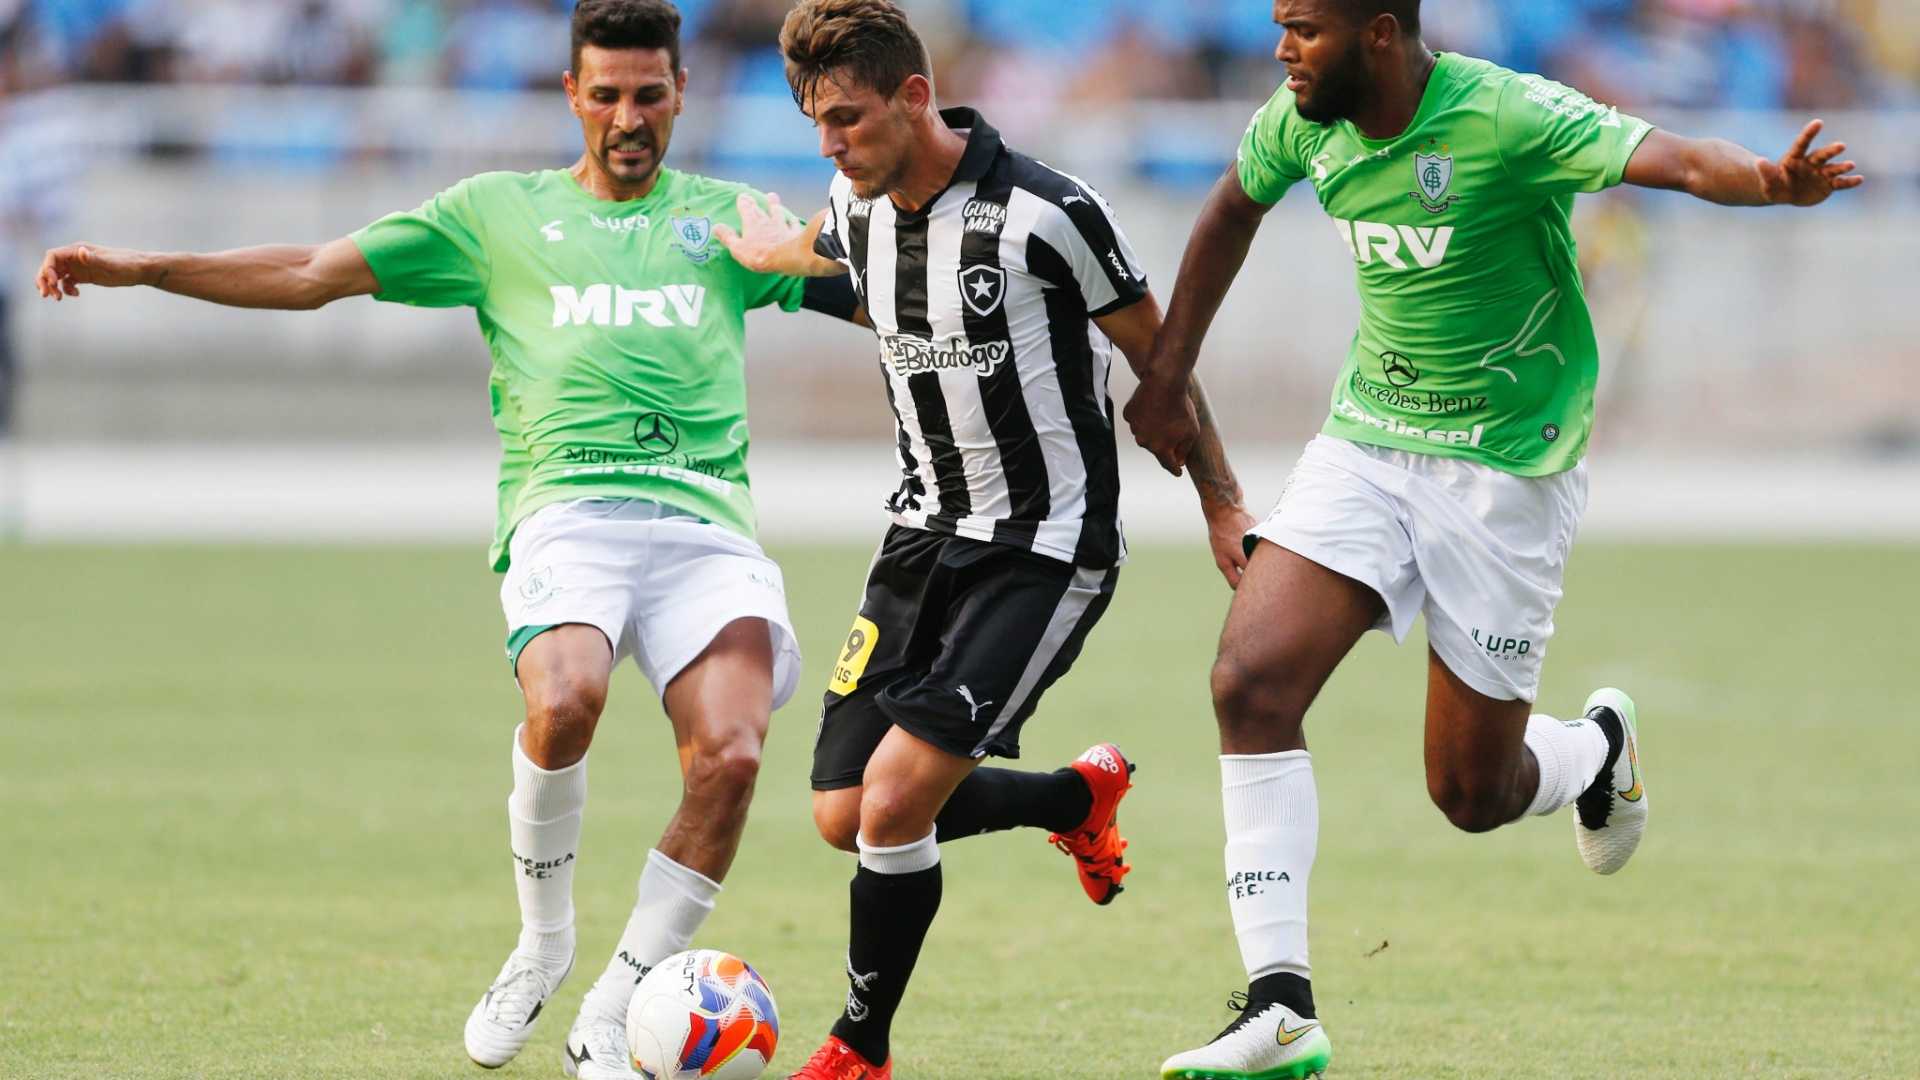 Dierson, do Botafogo, tenta jogada acompanhado pela marcação de Leandro Guerreiro e Walber, do América-MG